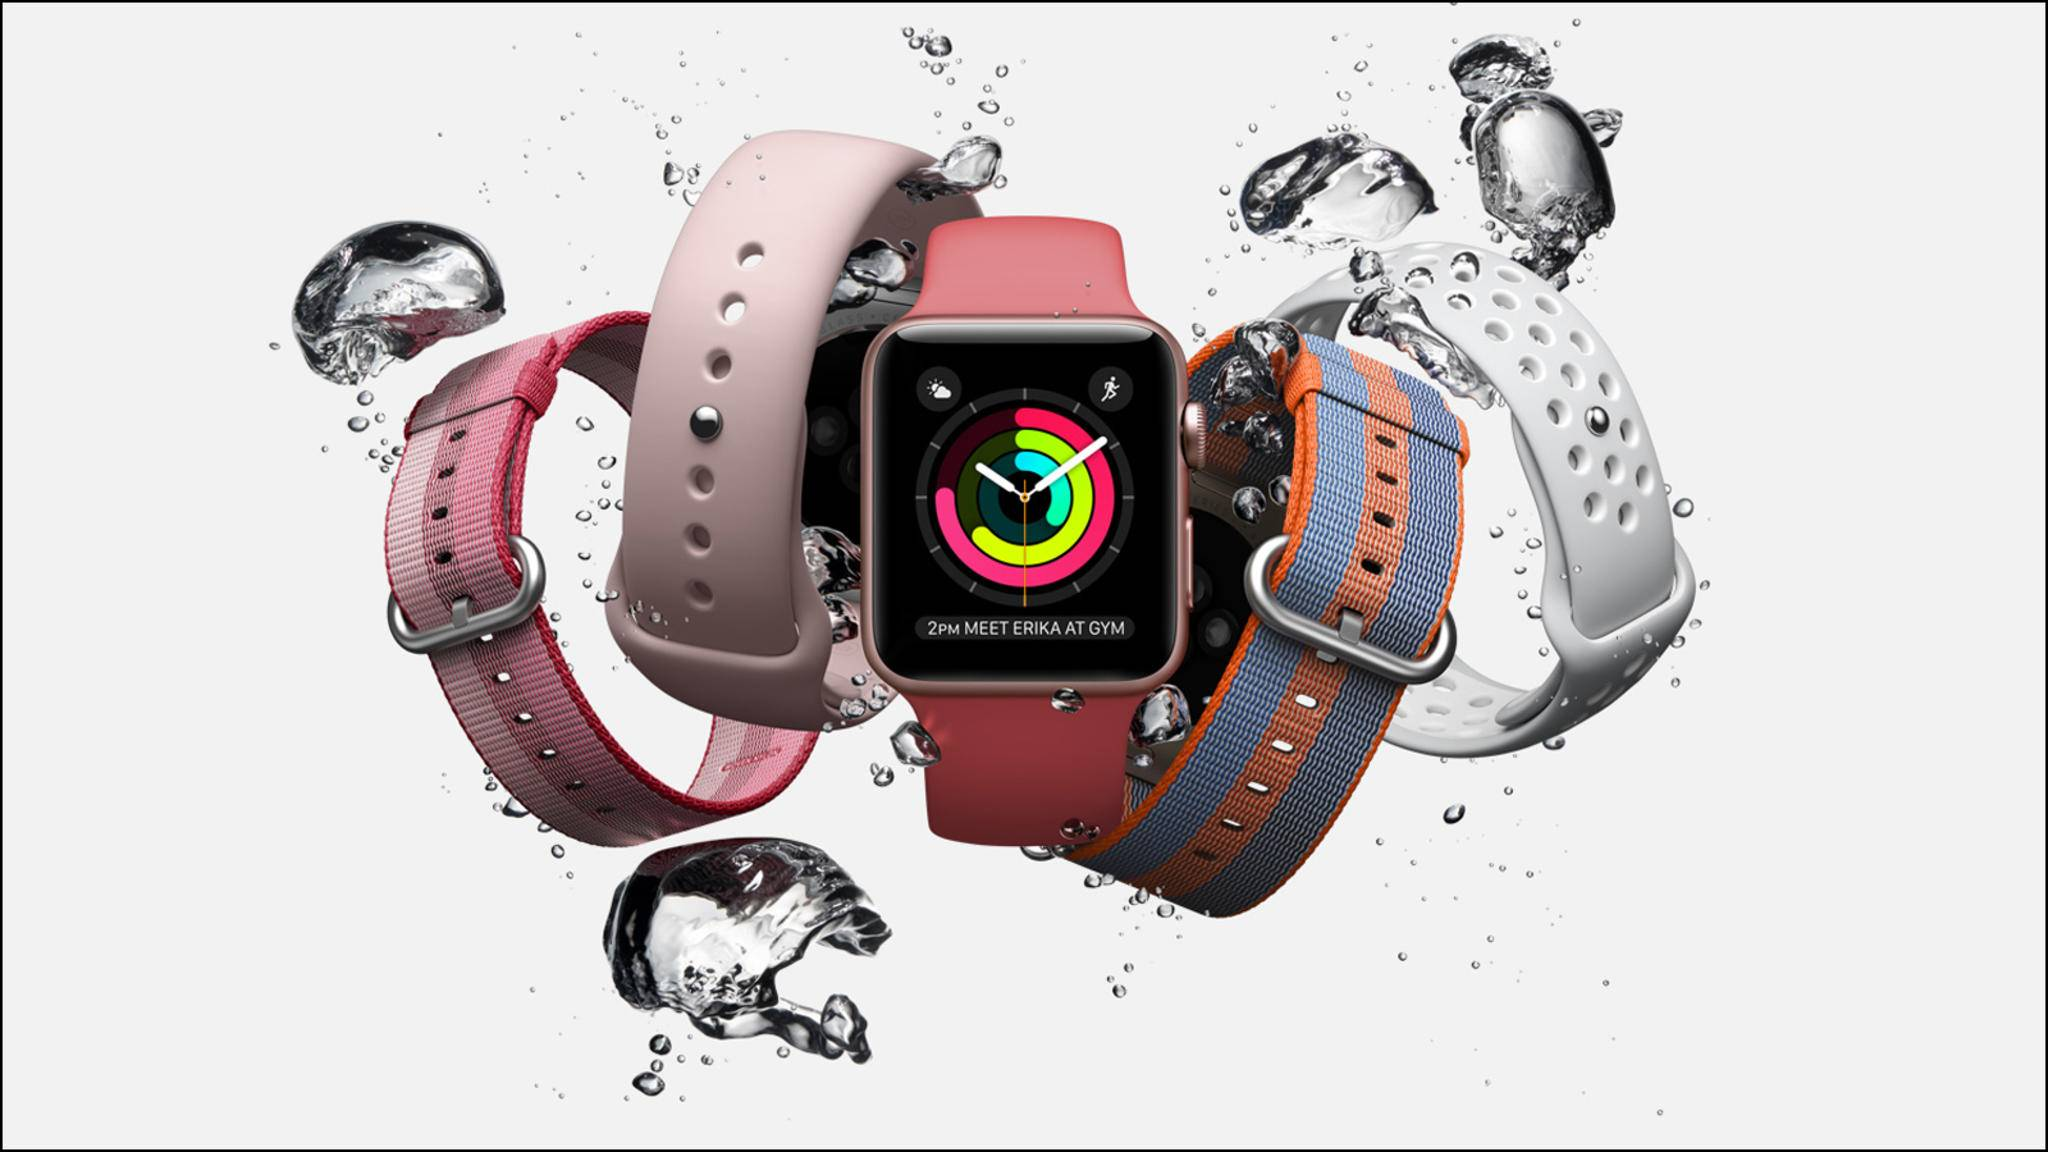 Wird die nächste Apple Watch schon von Tim Cook getestet?